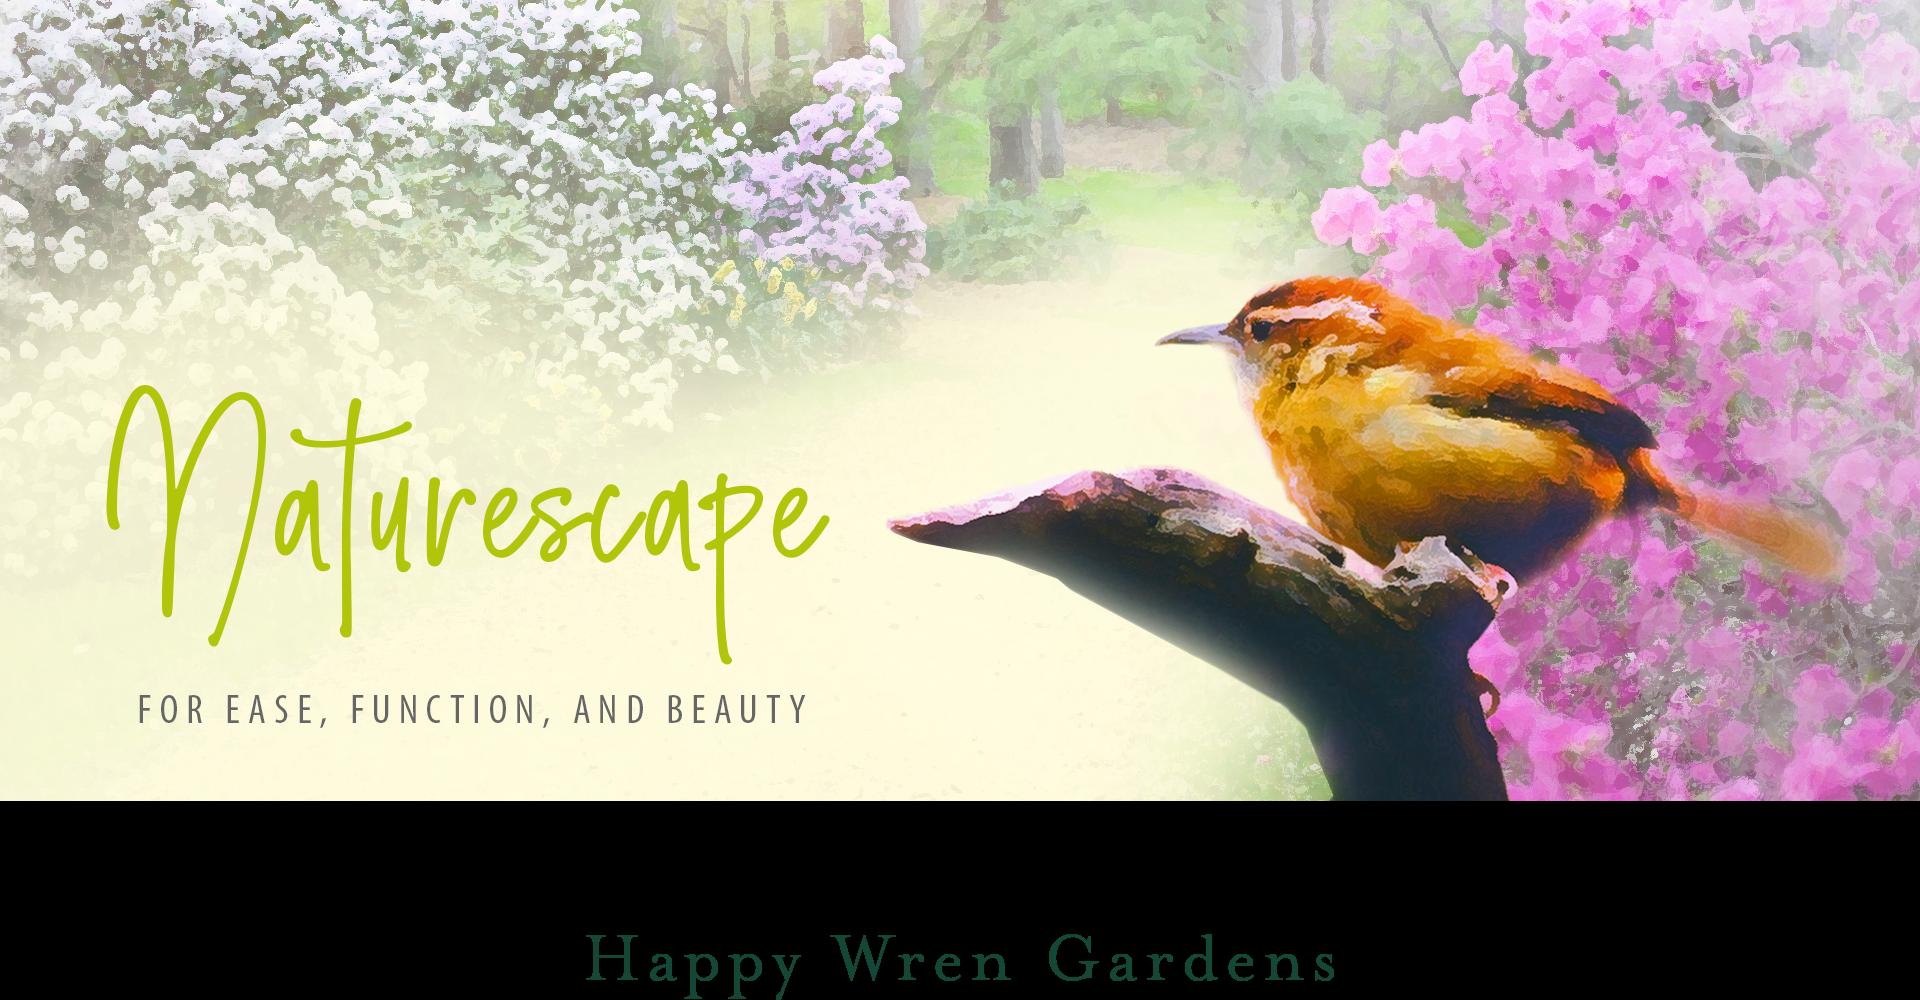 Happy Wren Gardens